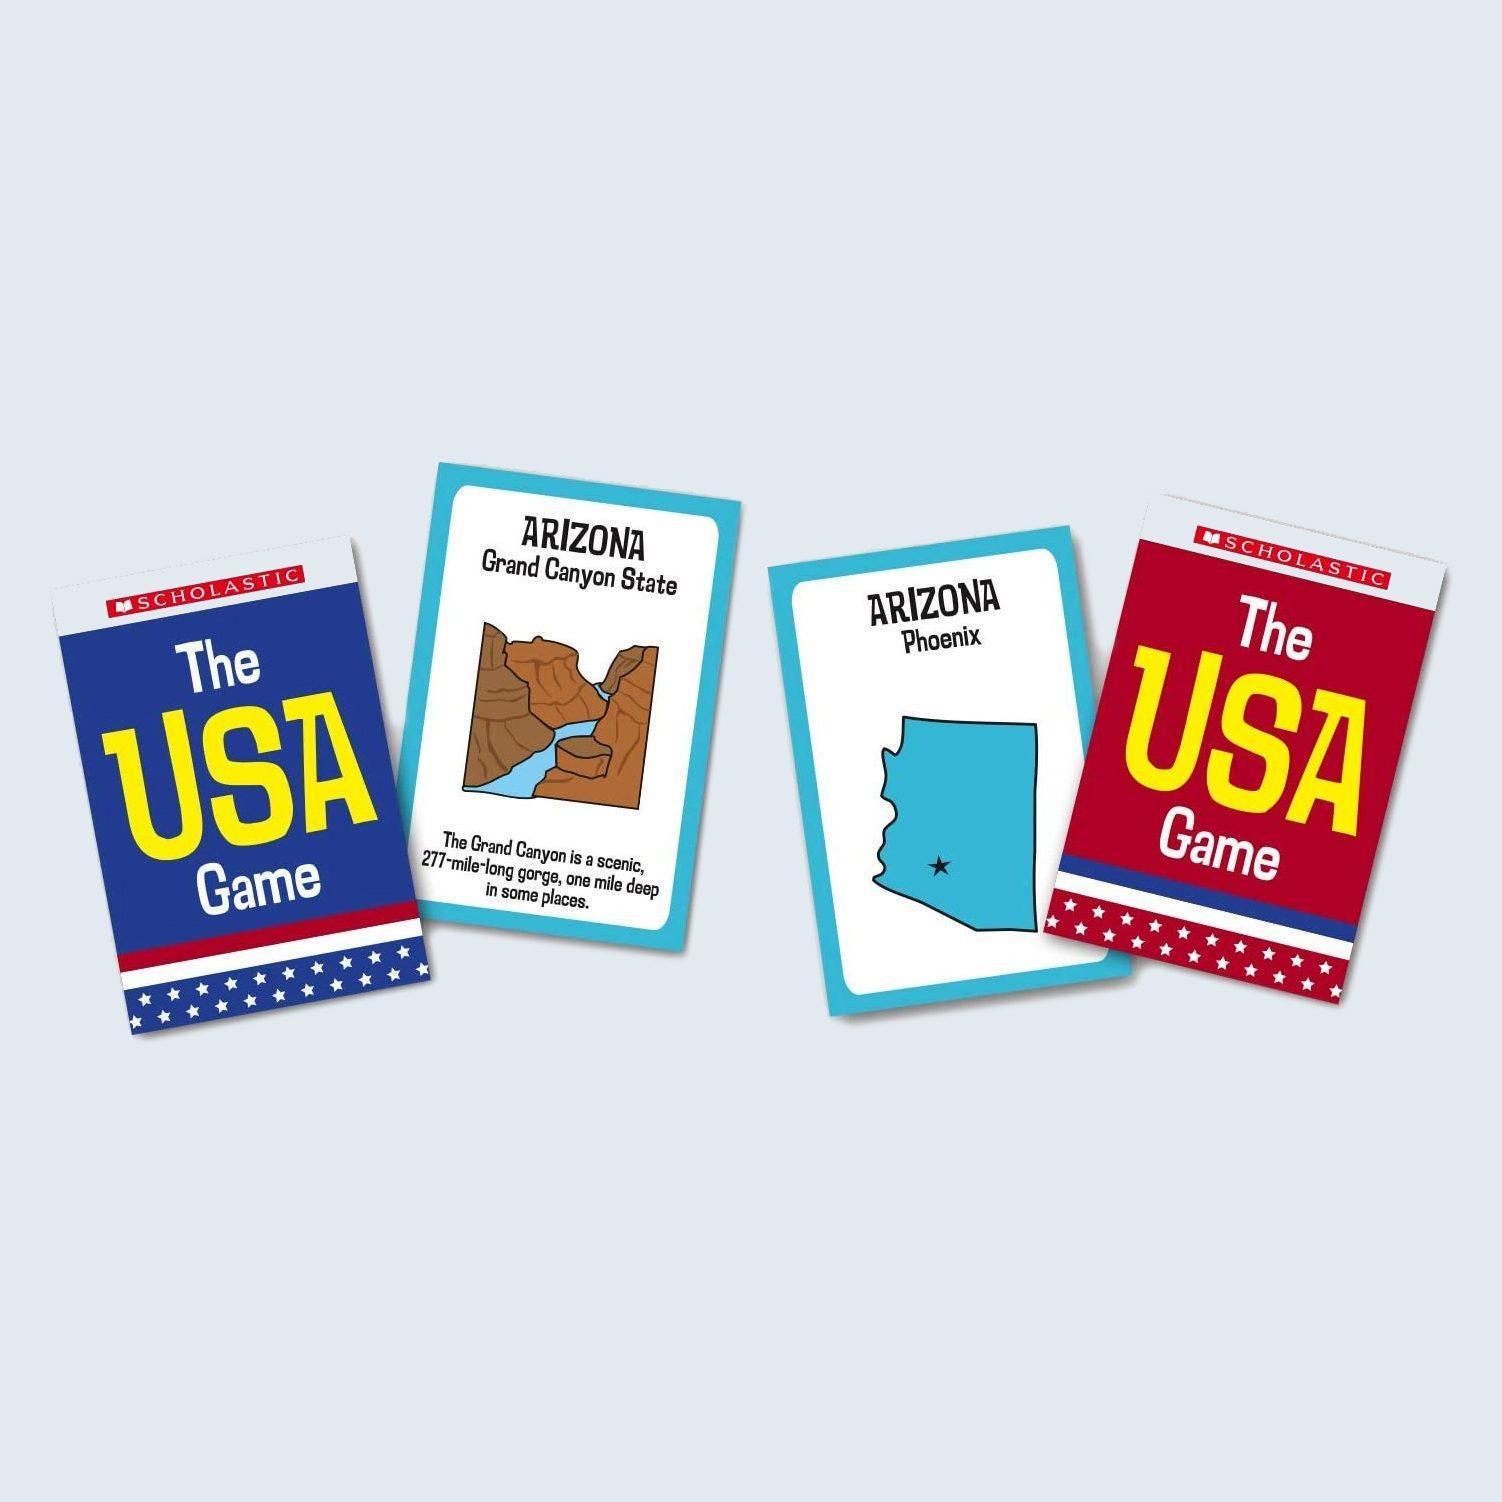 The USA game